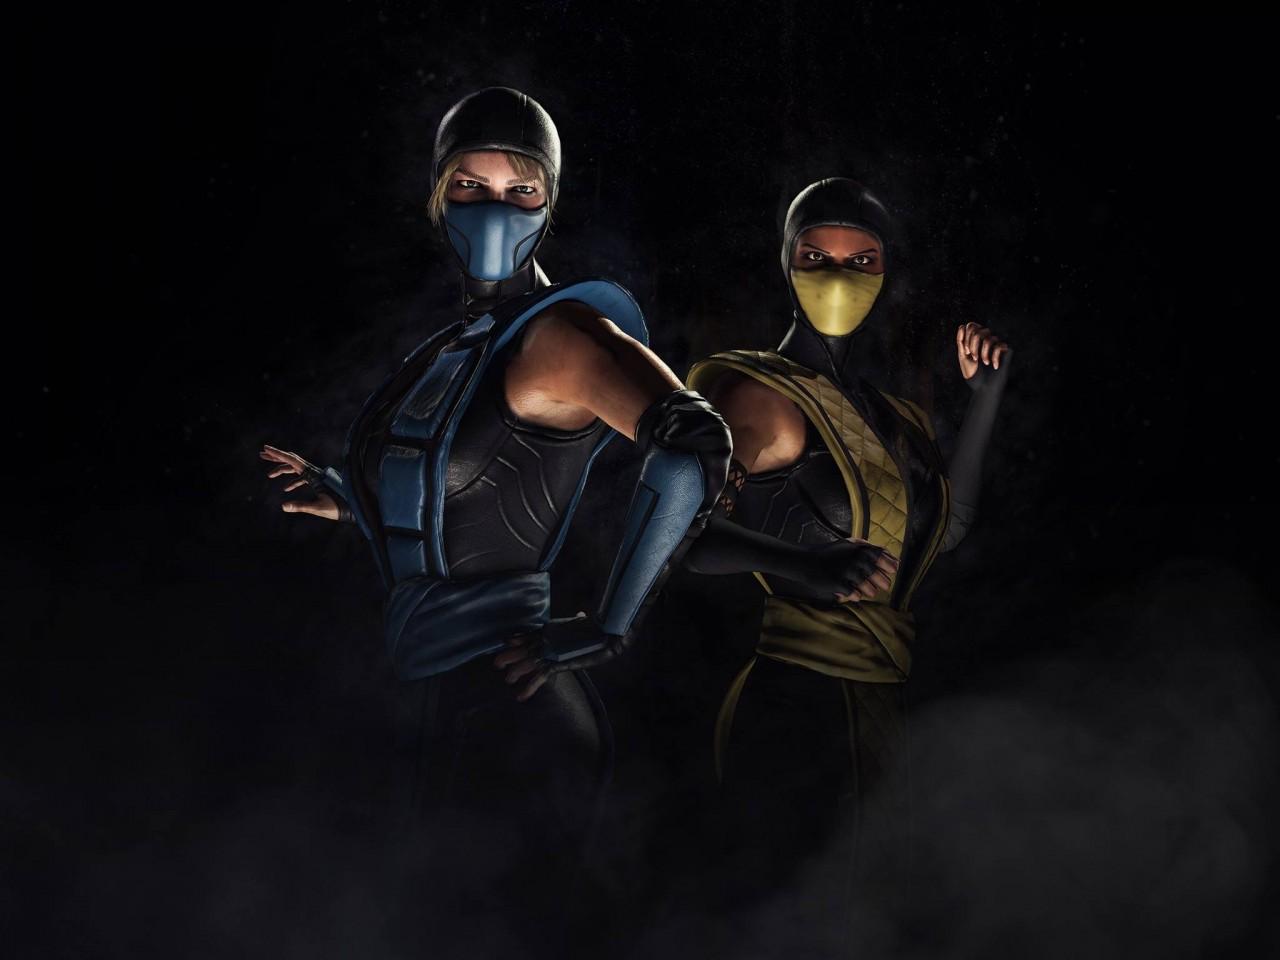 Mortal Kombat X Wallpapers Hd Iphone Mortal Kombat Xl Sub Zero Scorpion Kosplay Wallpapers Hd